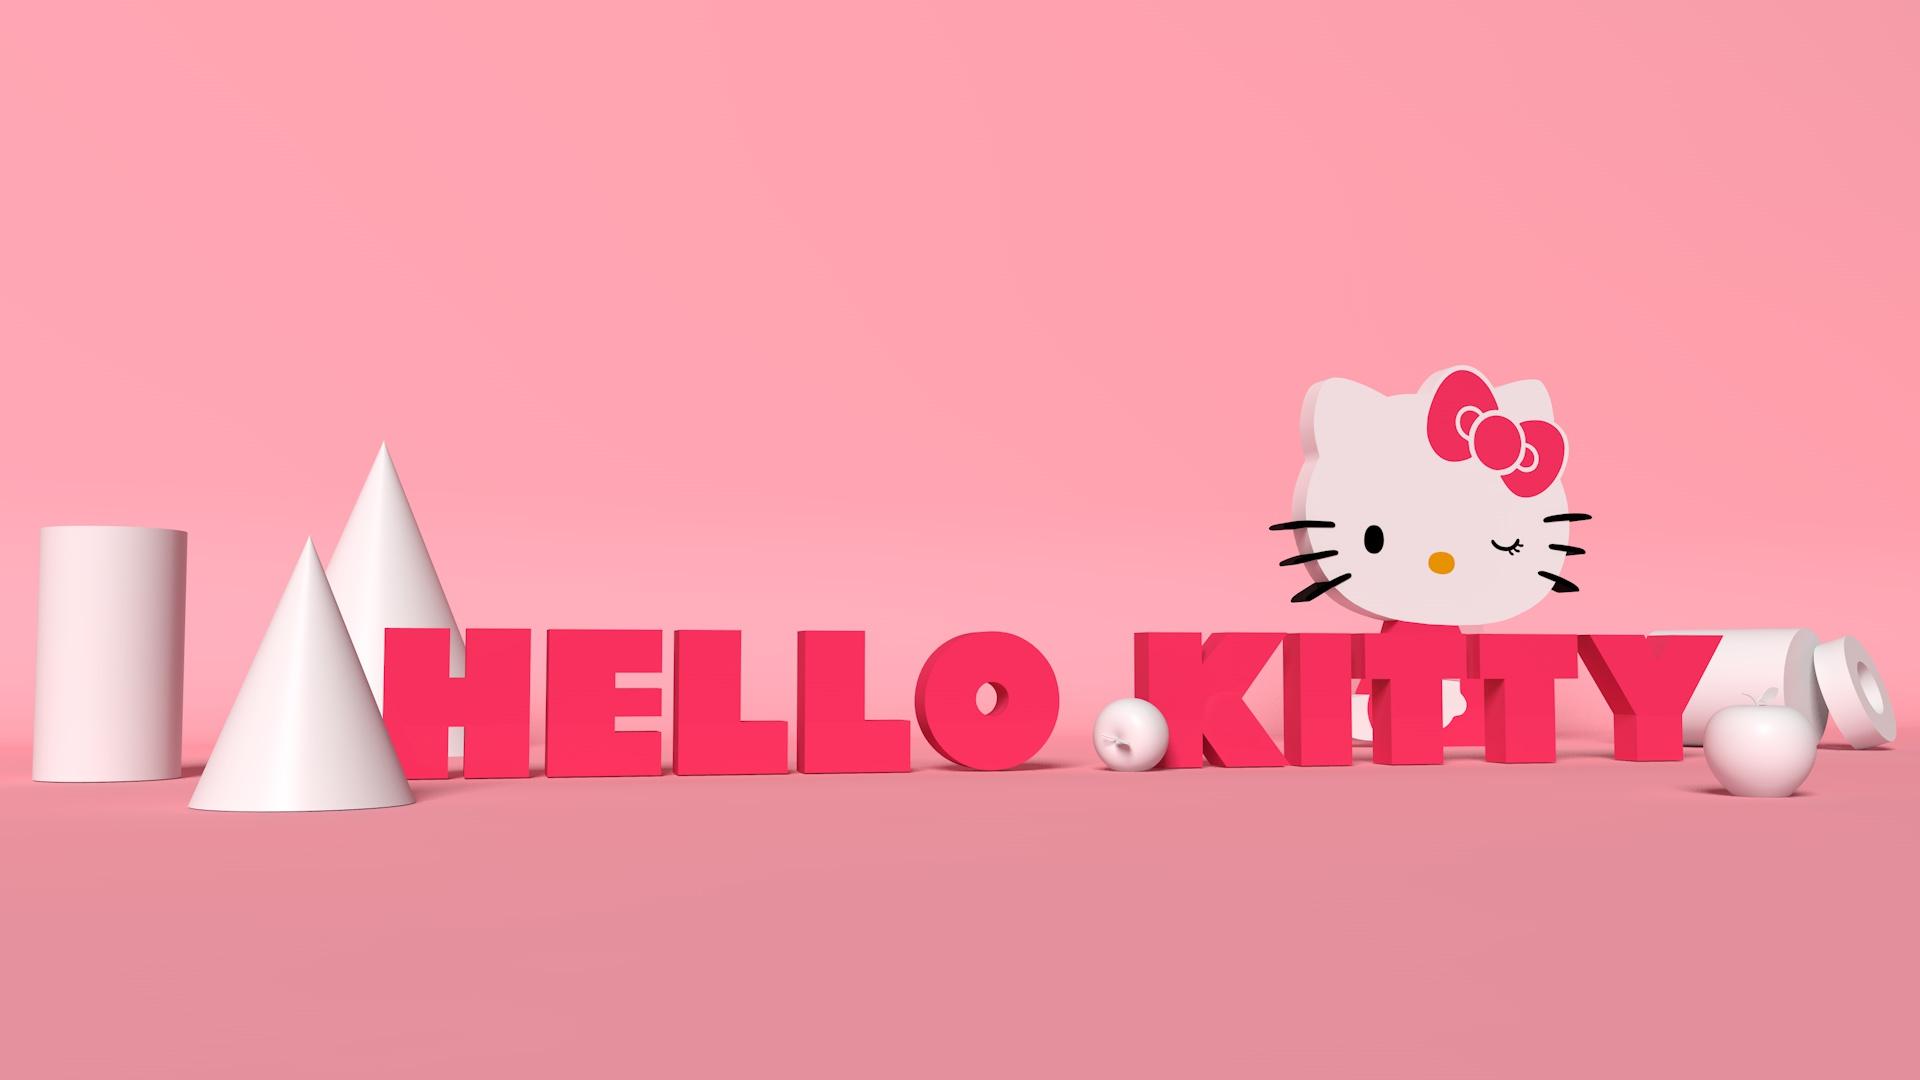 超清kitty电脑壁纸